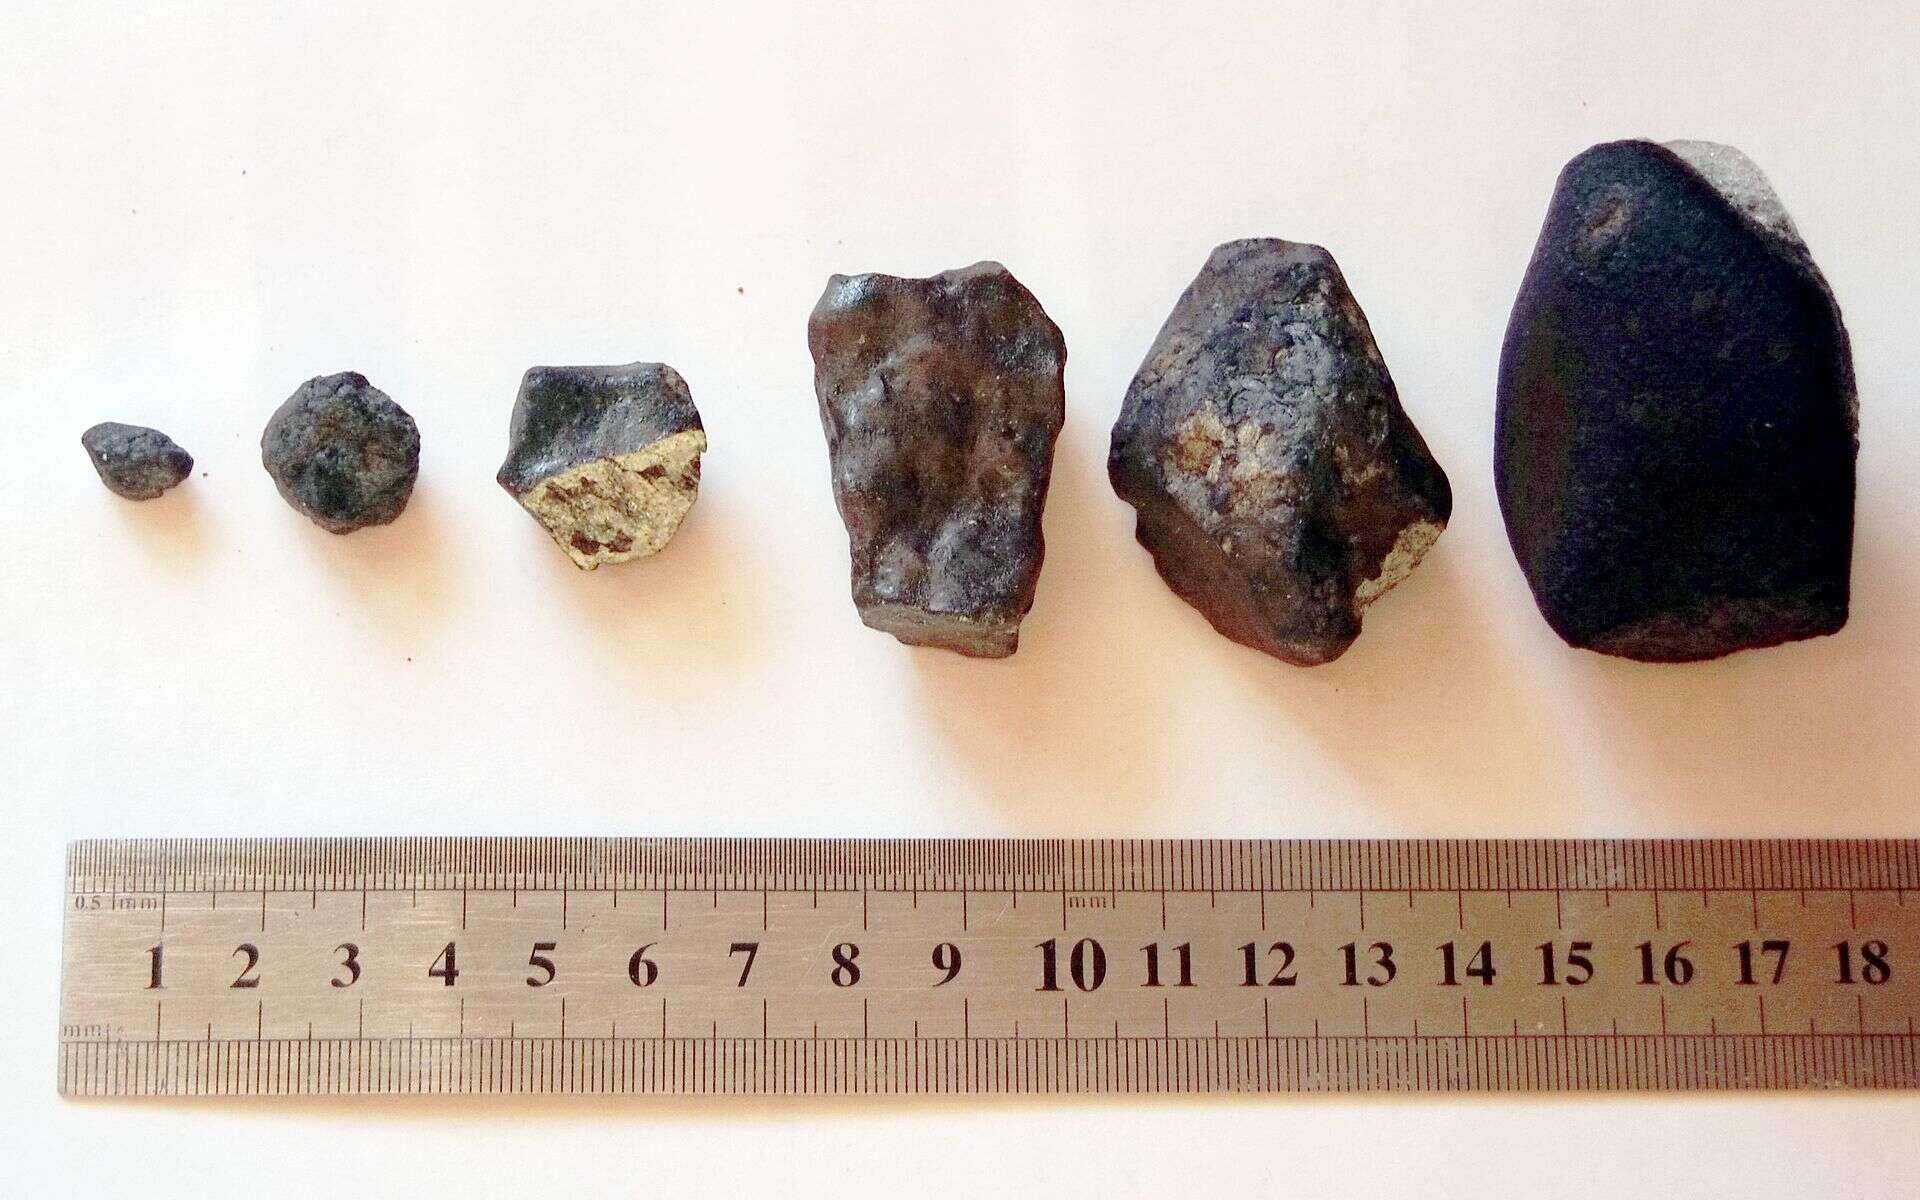 Fragments de la météorite de Tcheliabinsk, tombés en Russie après son explosion en altitude le 15 février 2013. © Alexander Sapozhnikov, Wikimedia Commons, CC by-sa 3.0